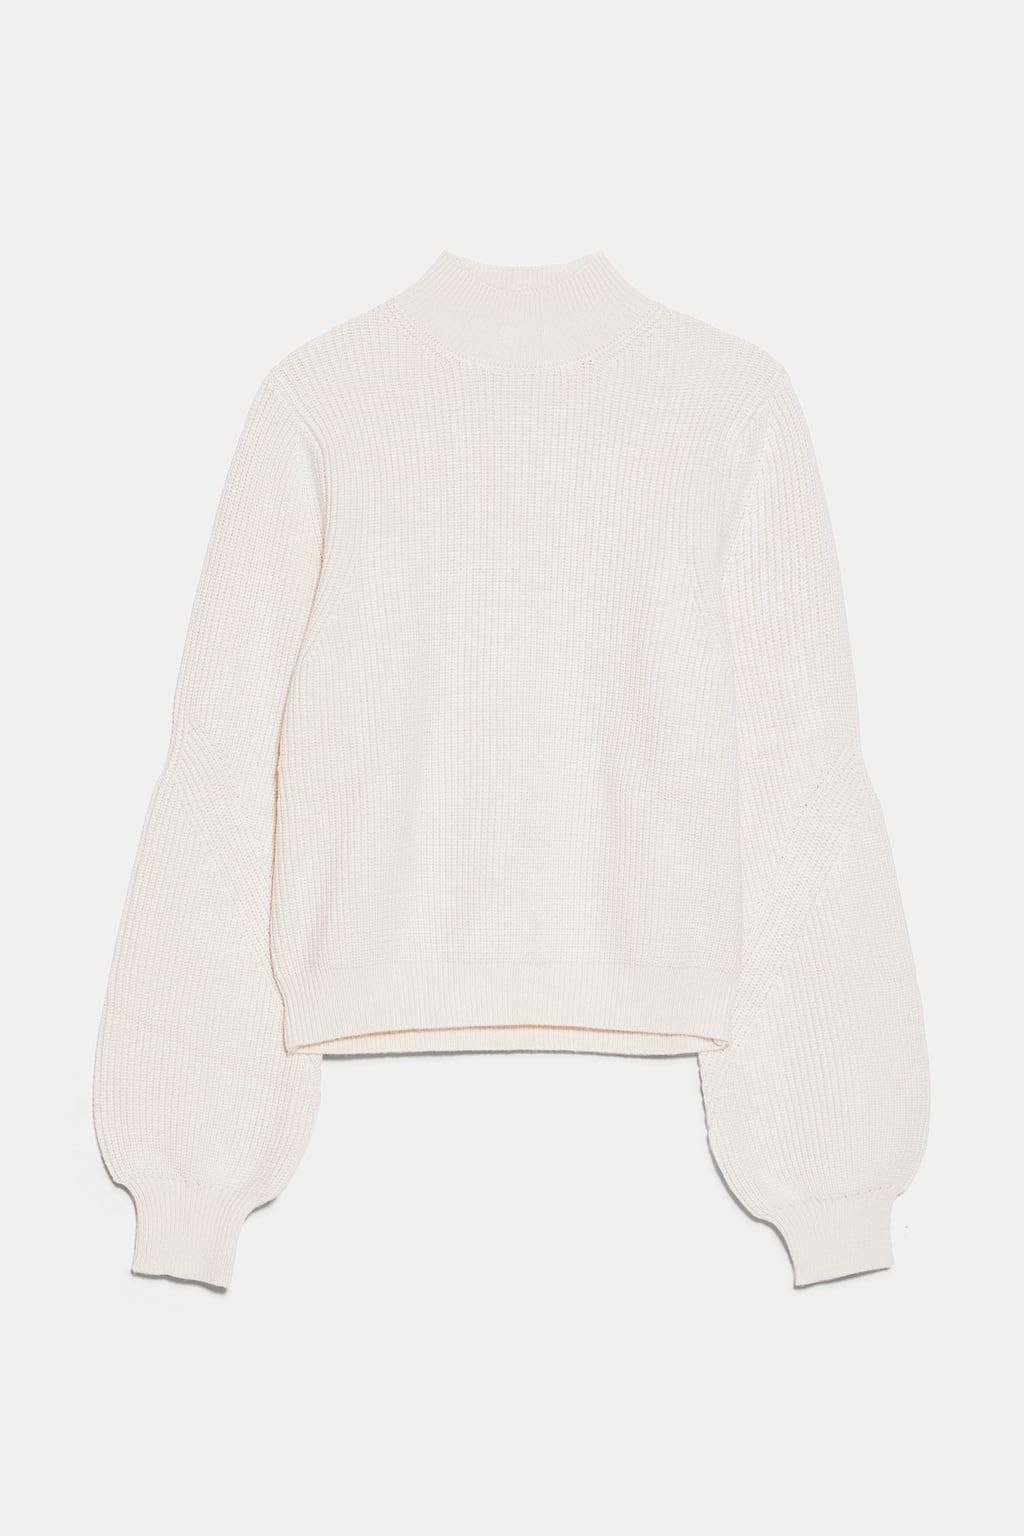 áo cổ lọ Zara - quà tặng giáng sinh 2019